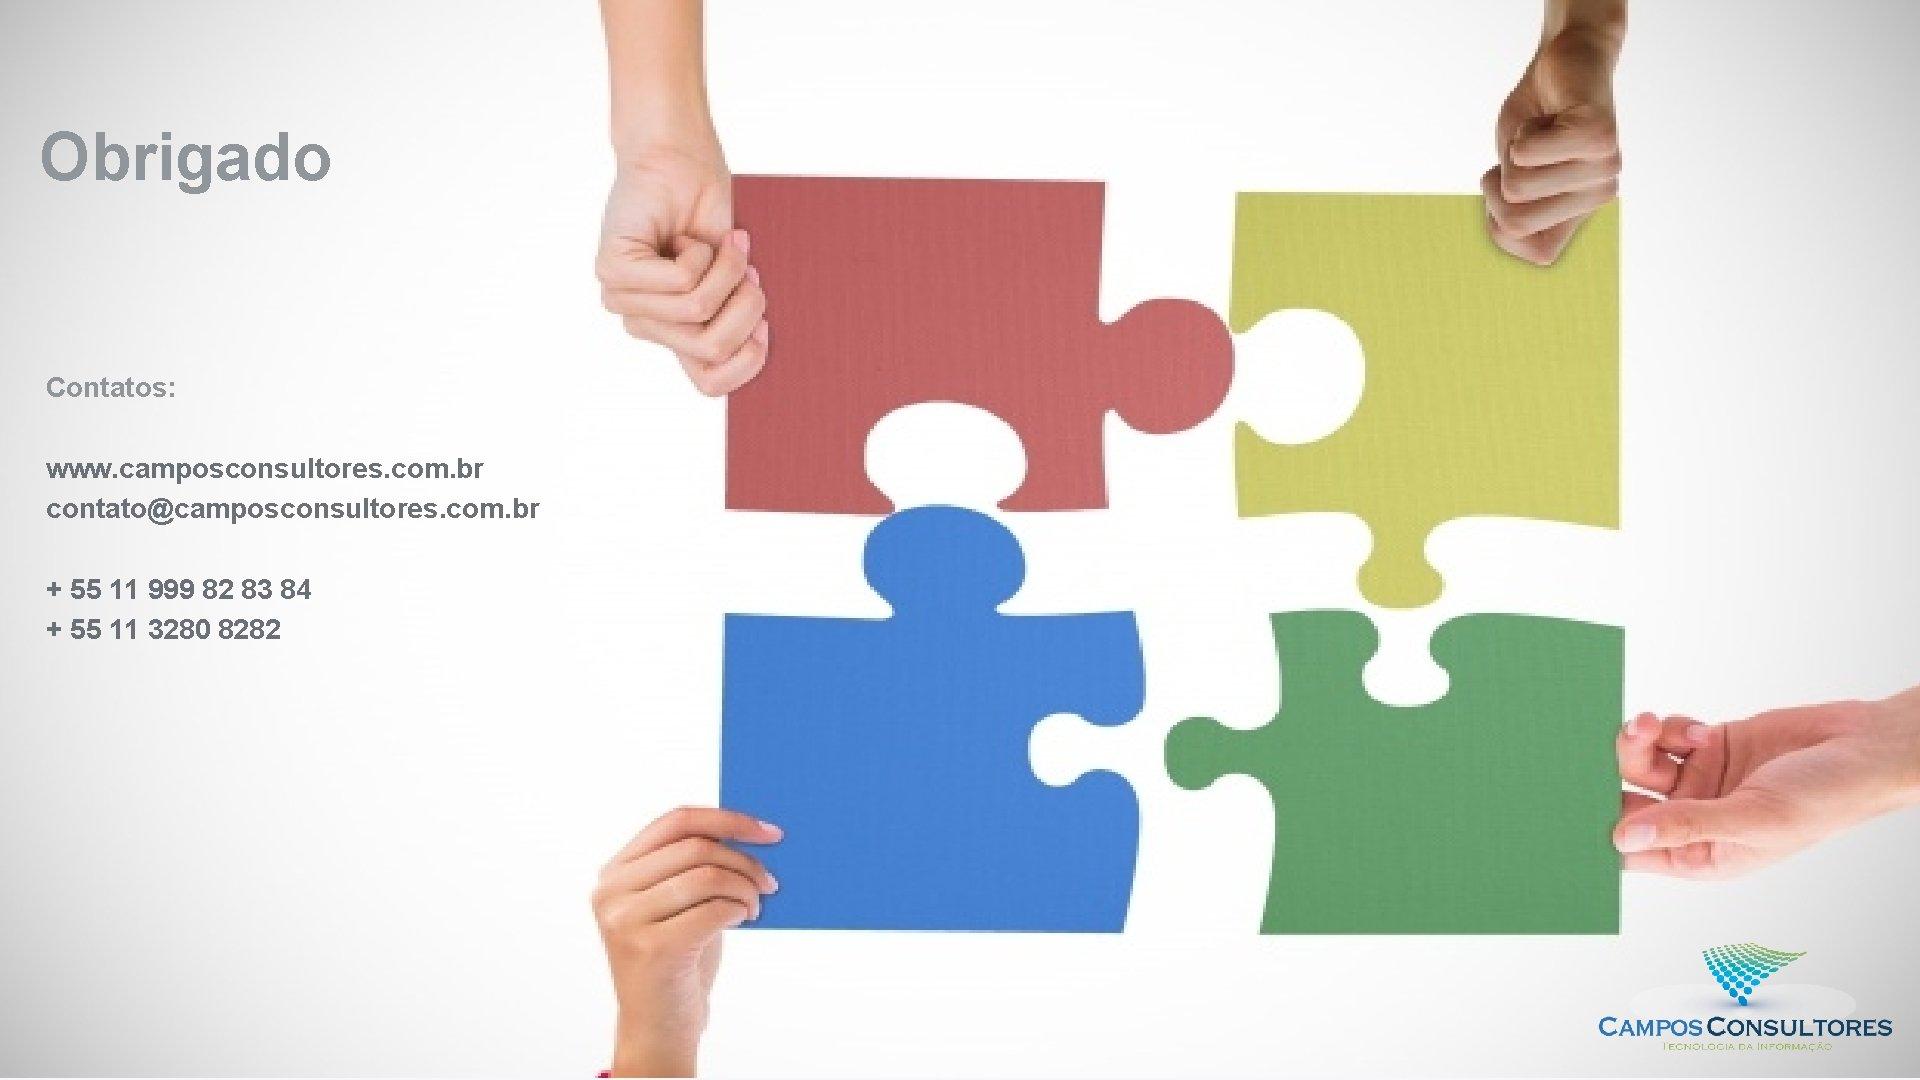 10 Obrigado Contatos: www. camposconsultores. com. br contato@camposconsultores. com. br + 55 11 999